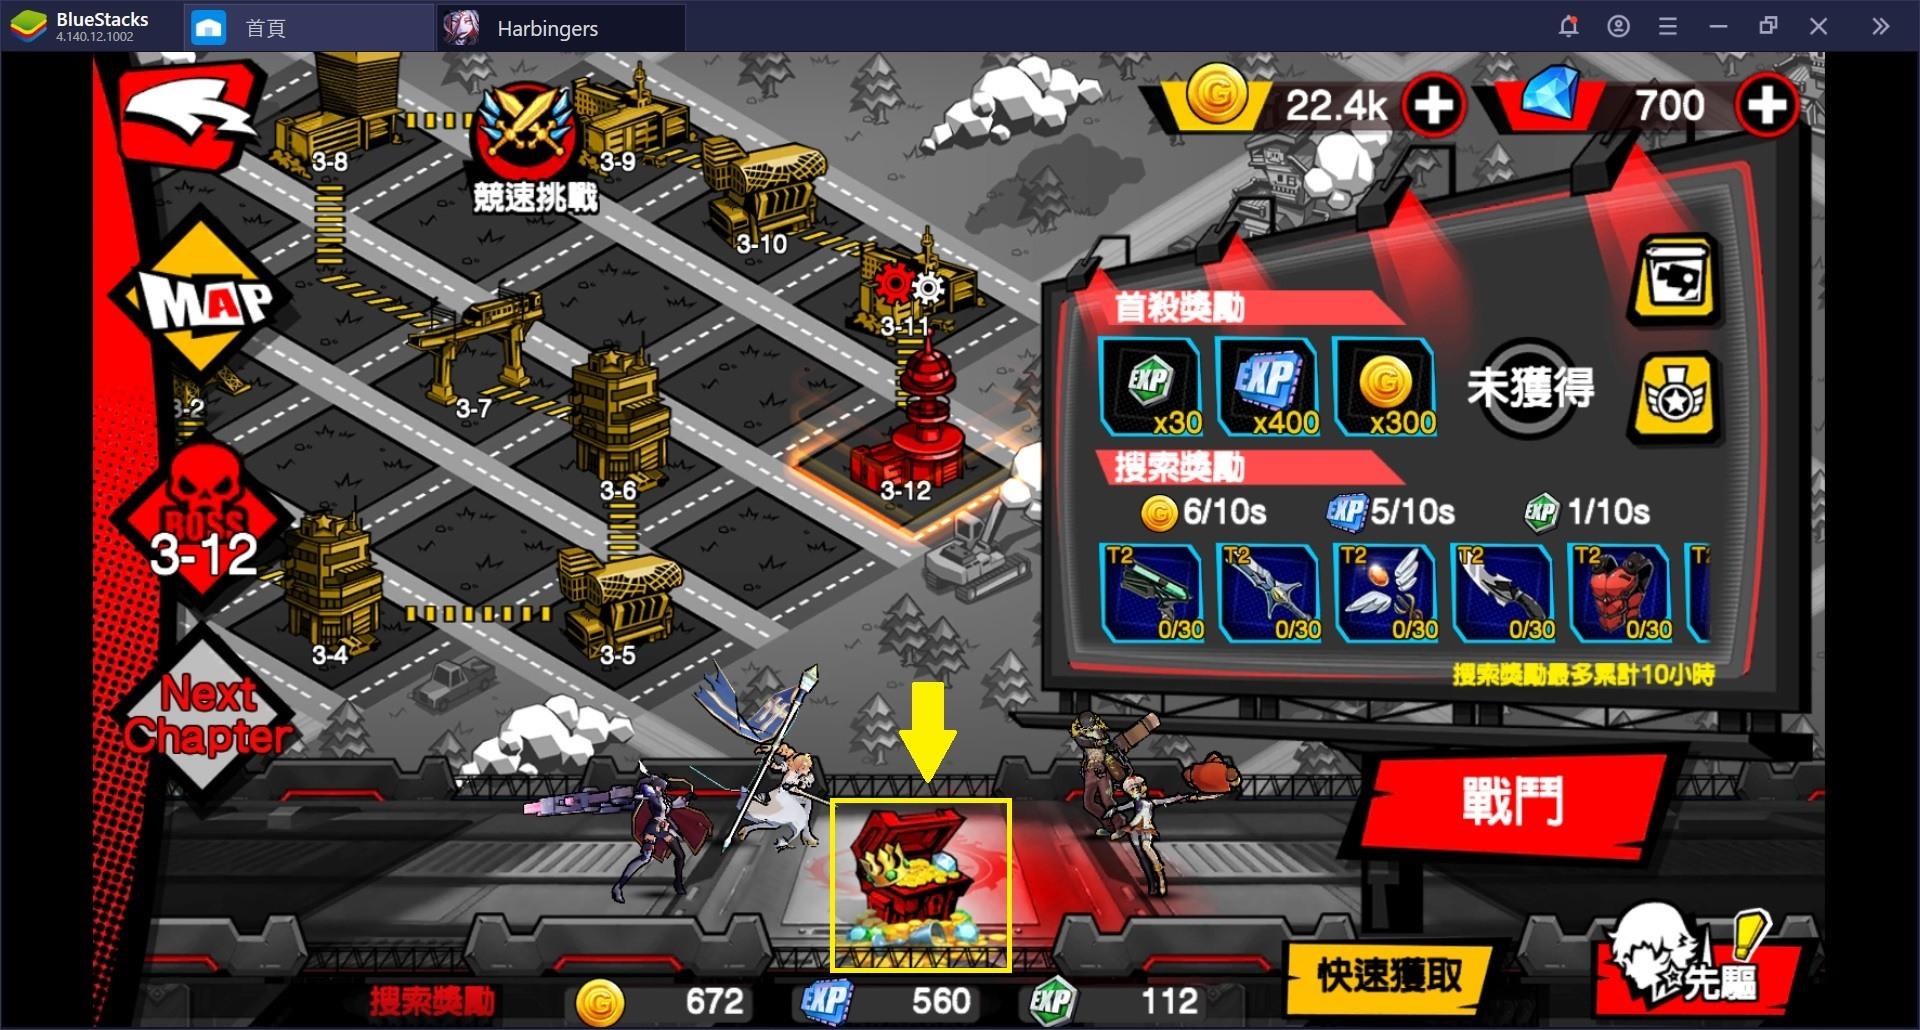 使用BlueStacks在電腦上體驗策略RPG《先驱_末日中的無盡戰爭》